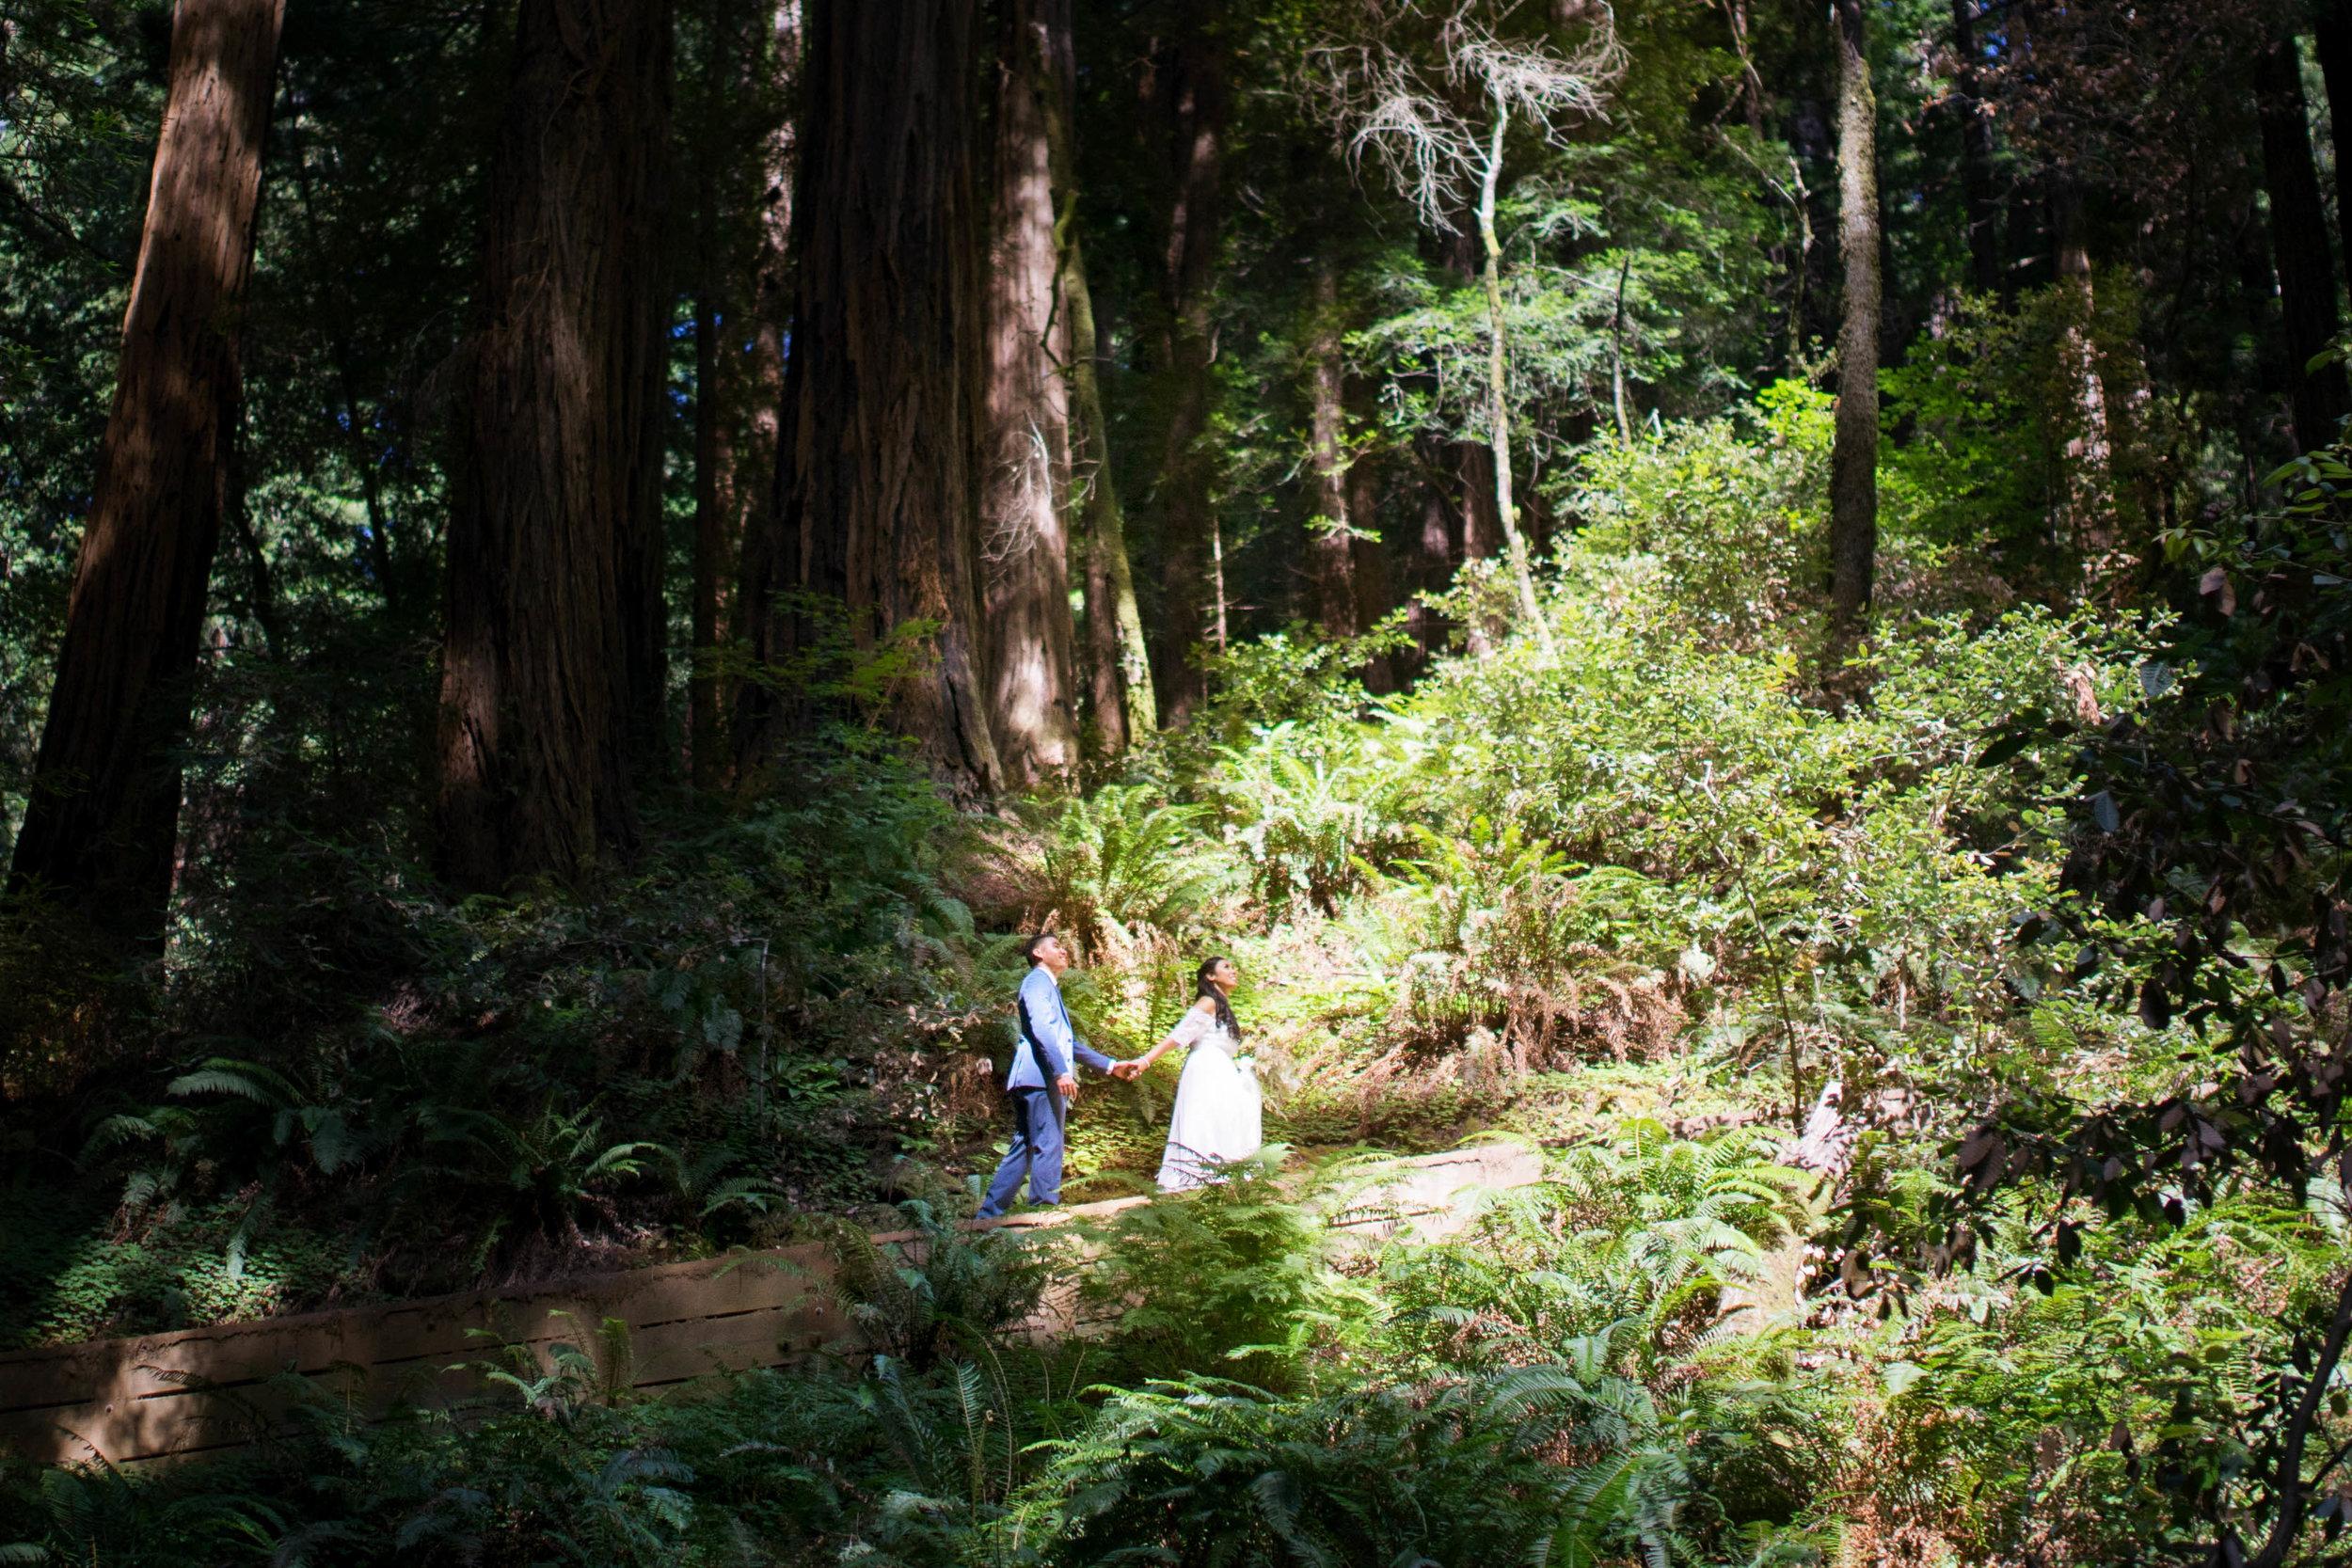 011_Krysten-Crebin-Muir-Woods-Elopement-Wedding-Photographer.jpg